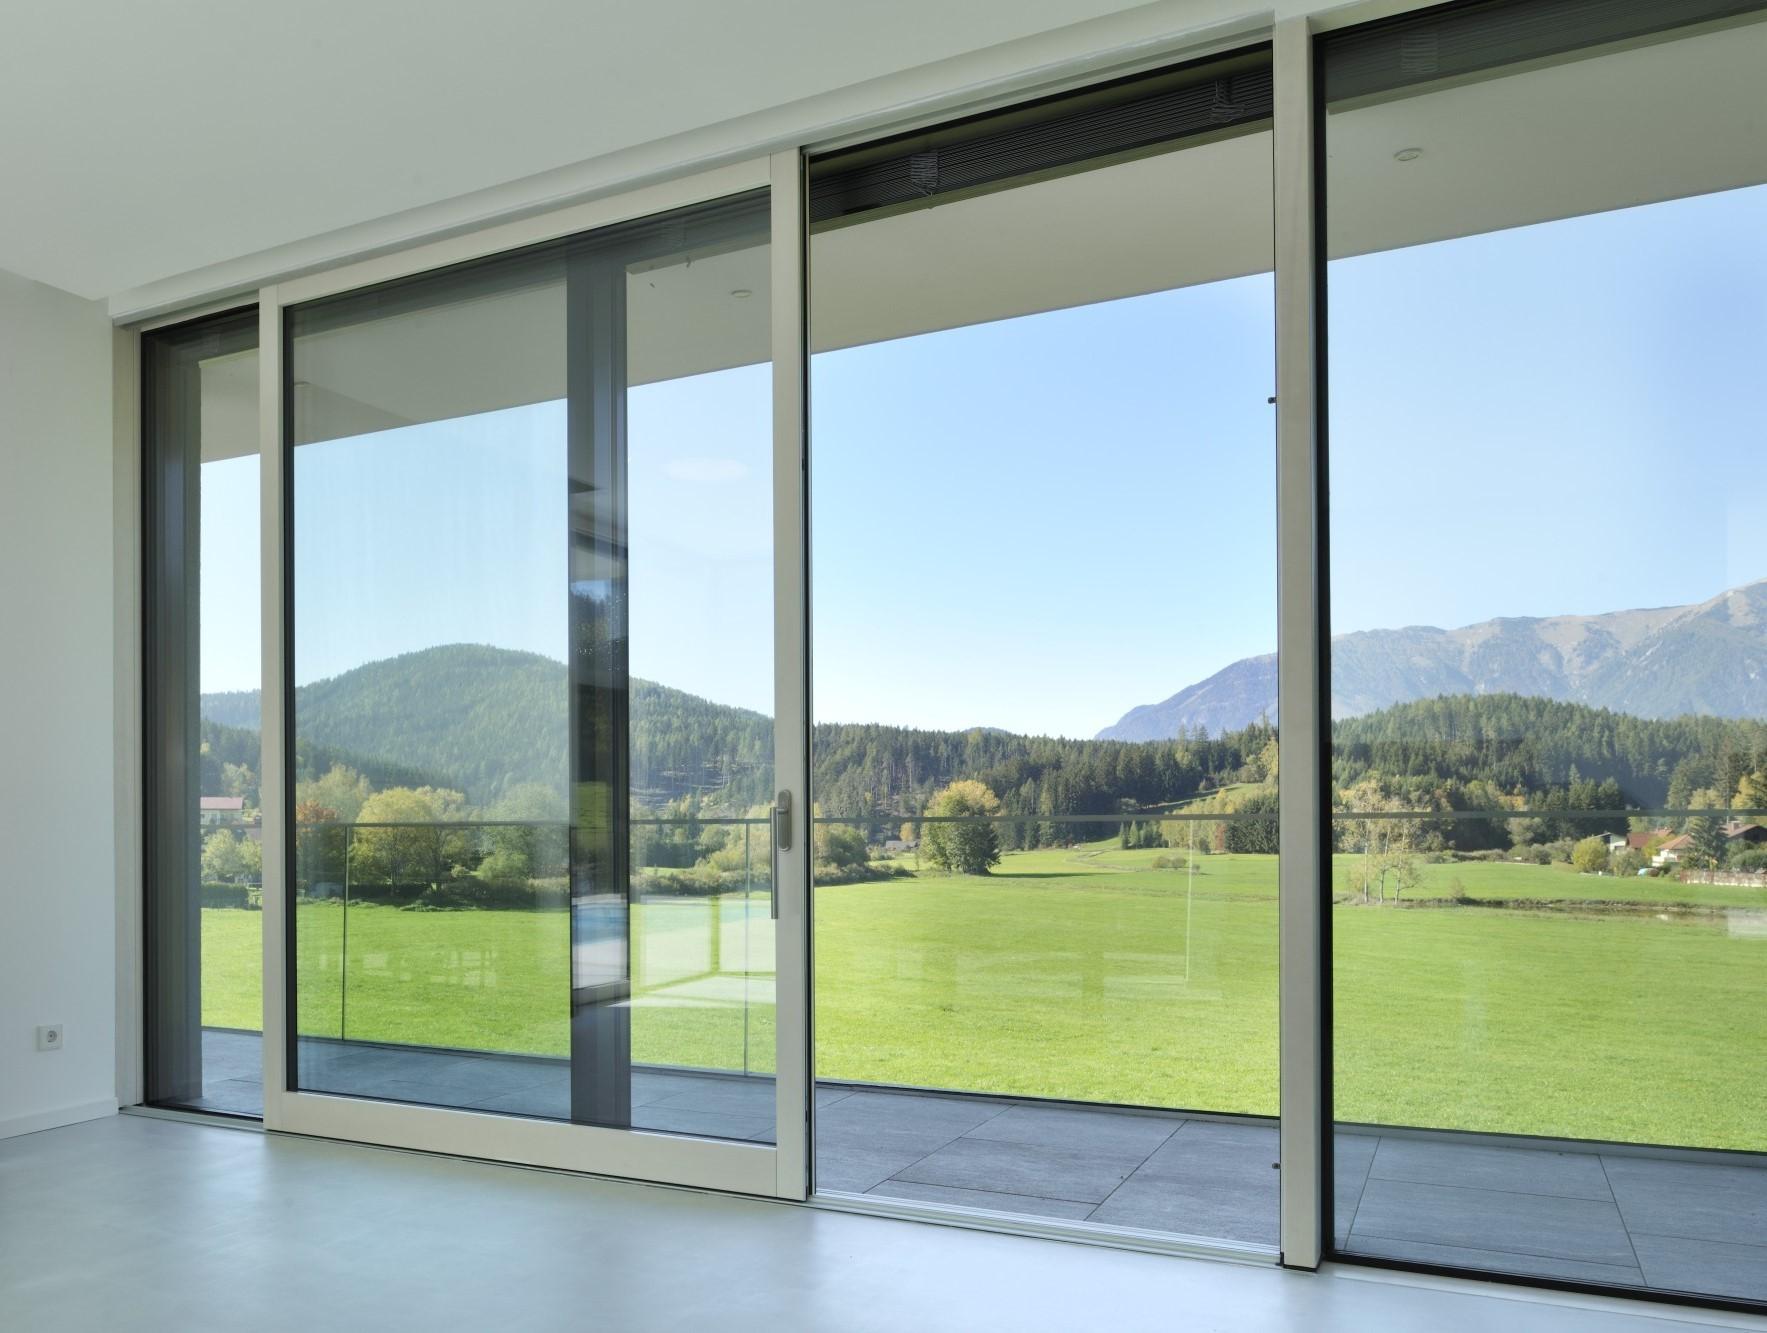 نمونه ای از پنجره لیفت اند اسلاید